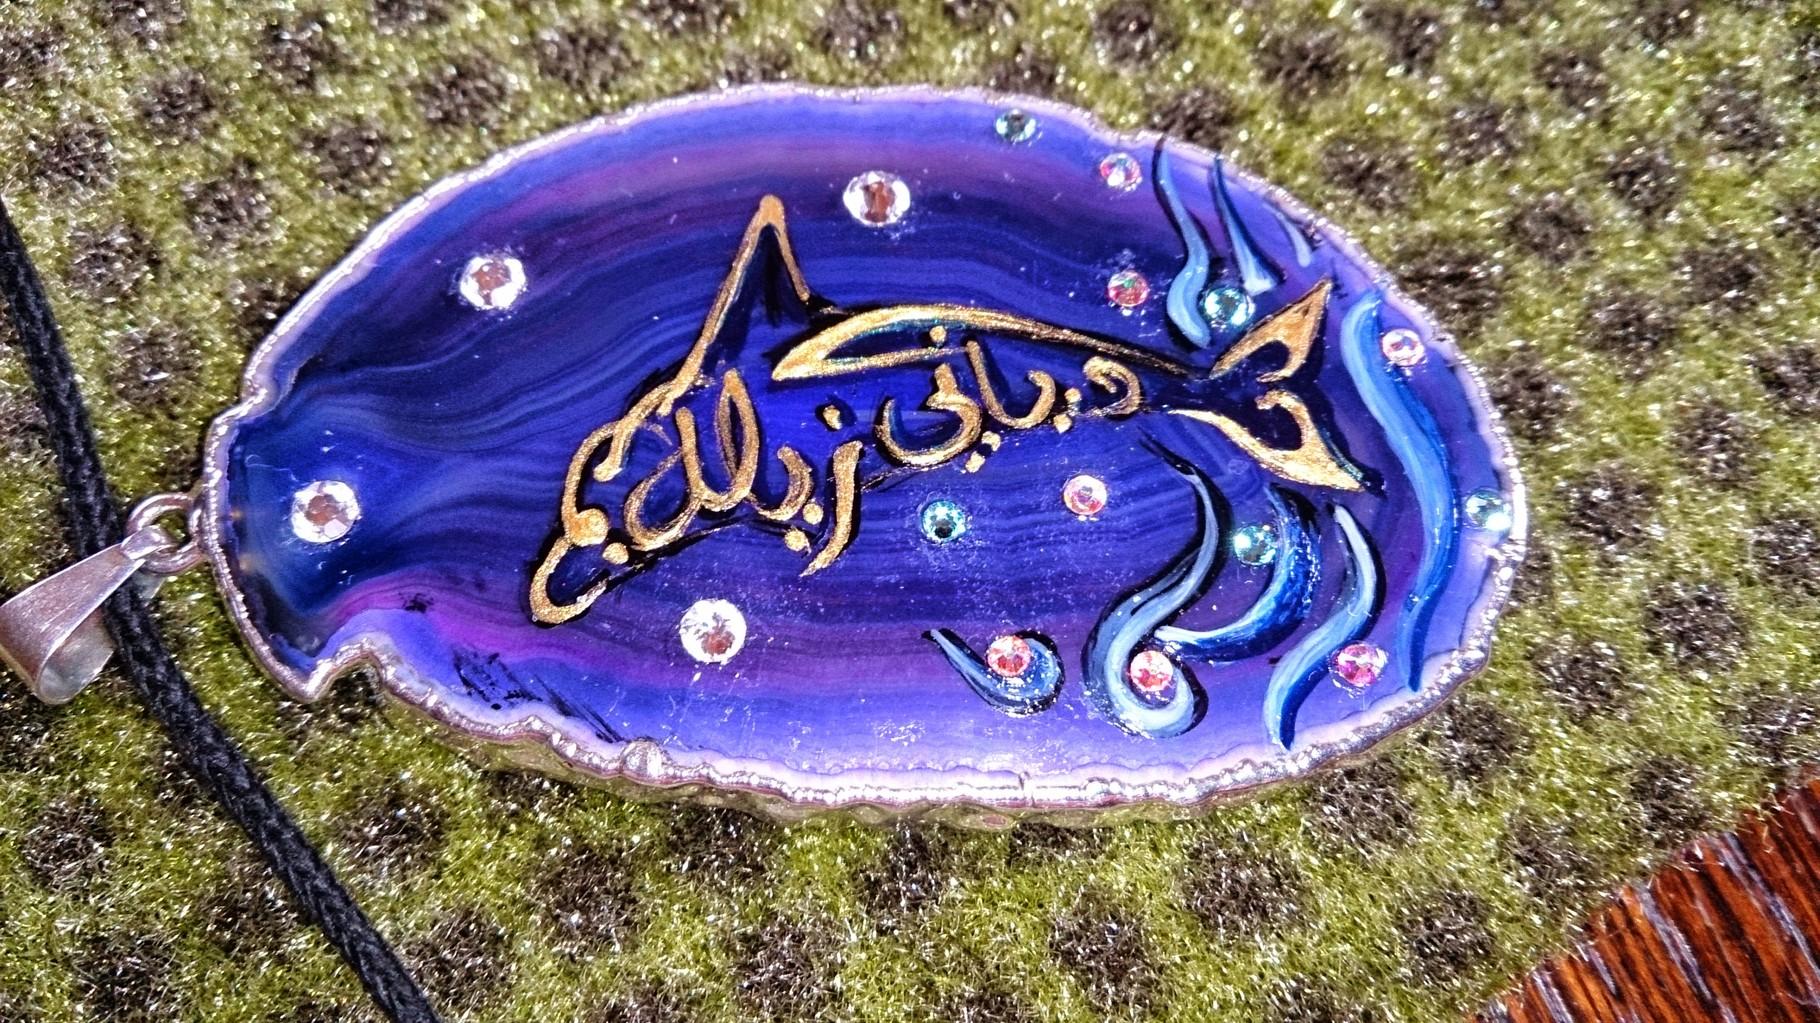 ~ Bild: Delfin-Anhänger mit arabischer Kalligrafie, Namenszug 'Silke Nur Adiani', grüner Teppich-Hintergrund ~